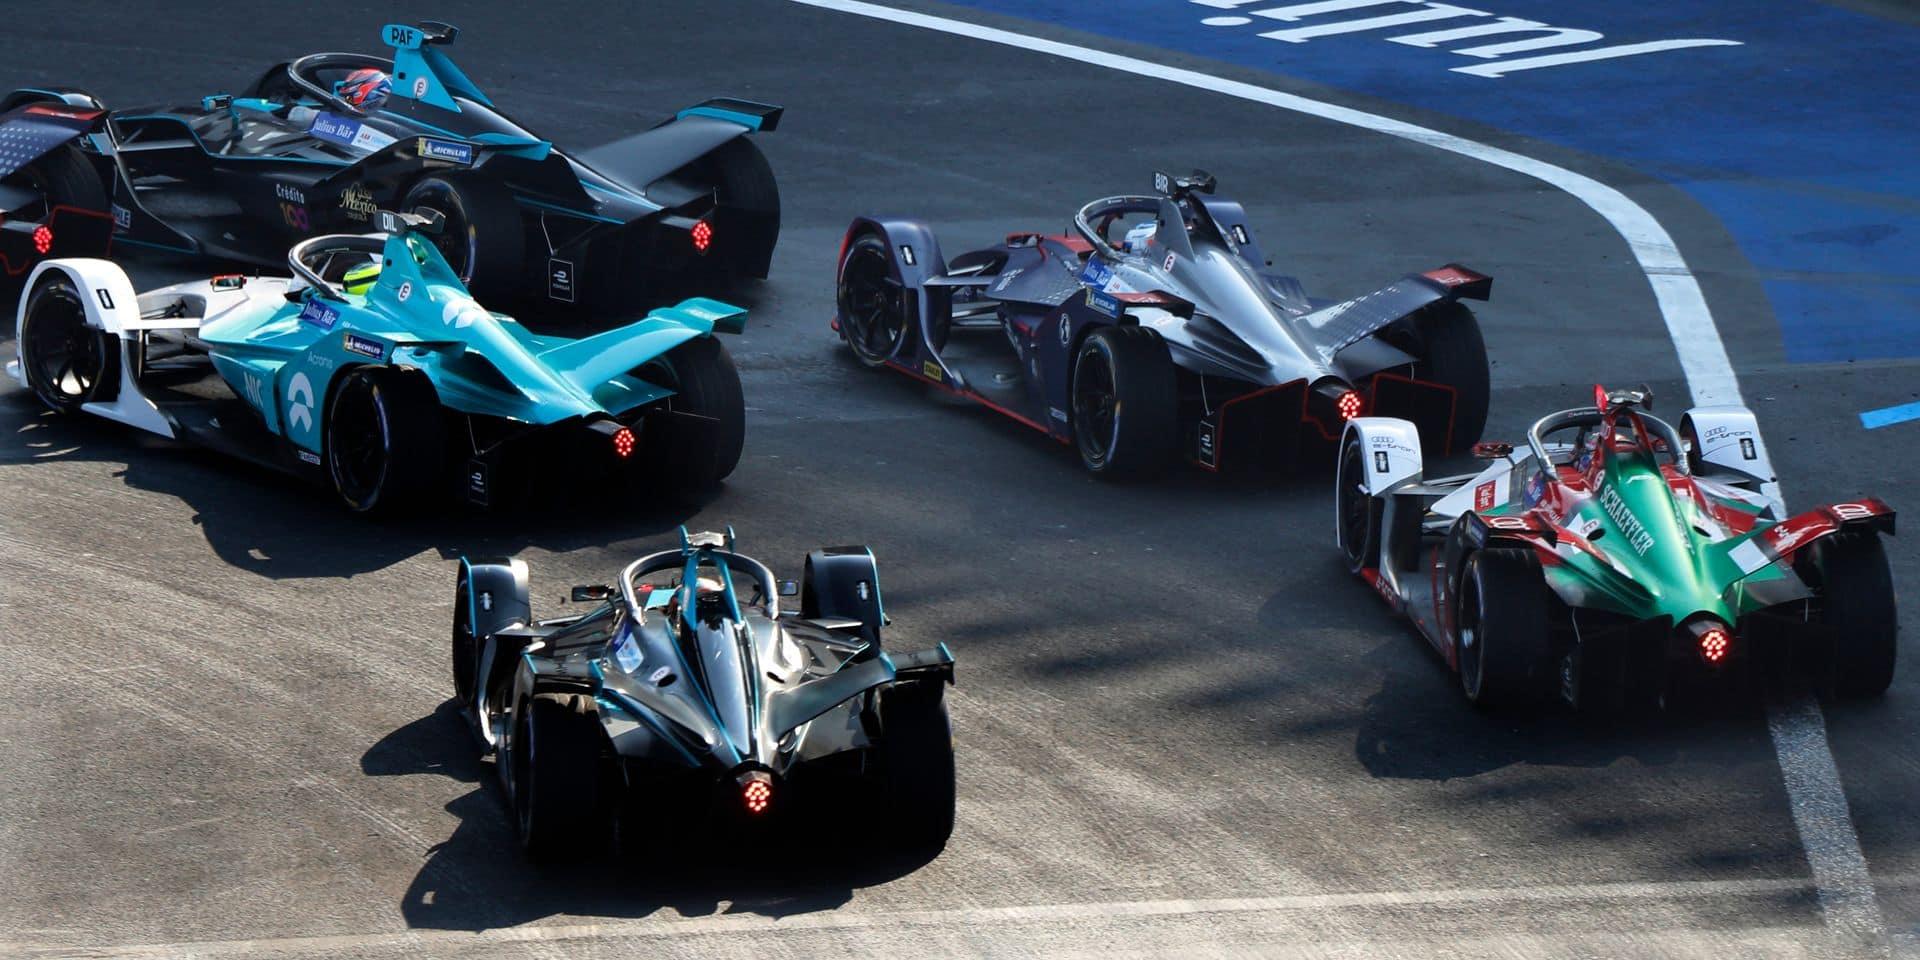 Londres accueillera un Grand Prix de Formule E en 2020